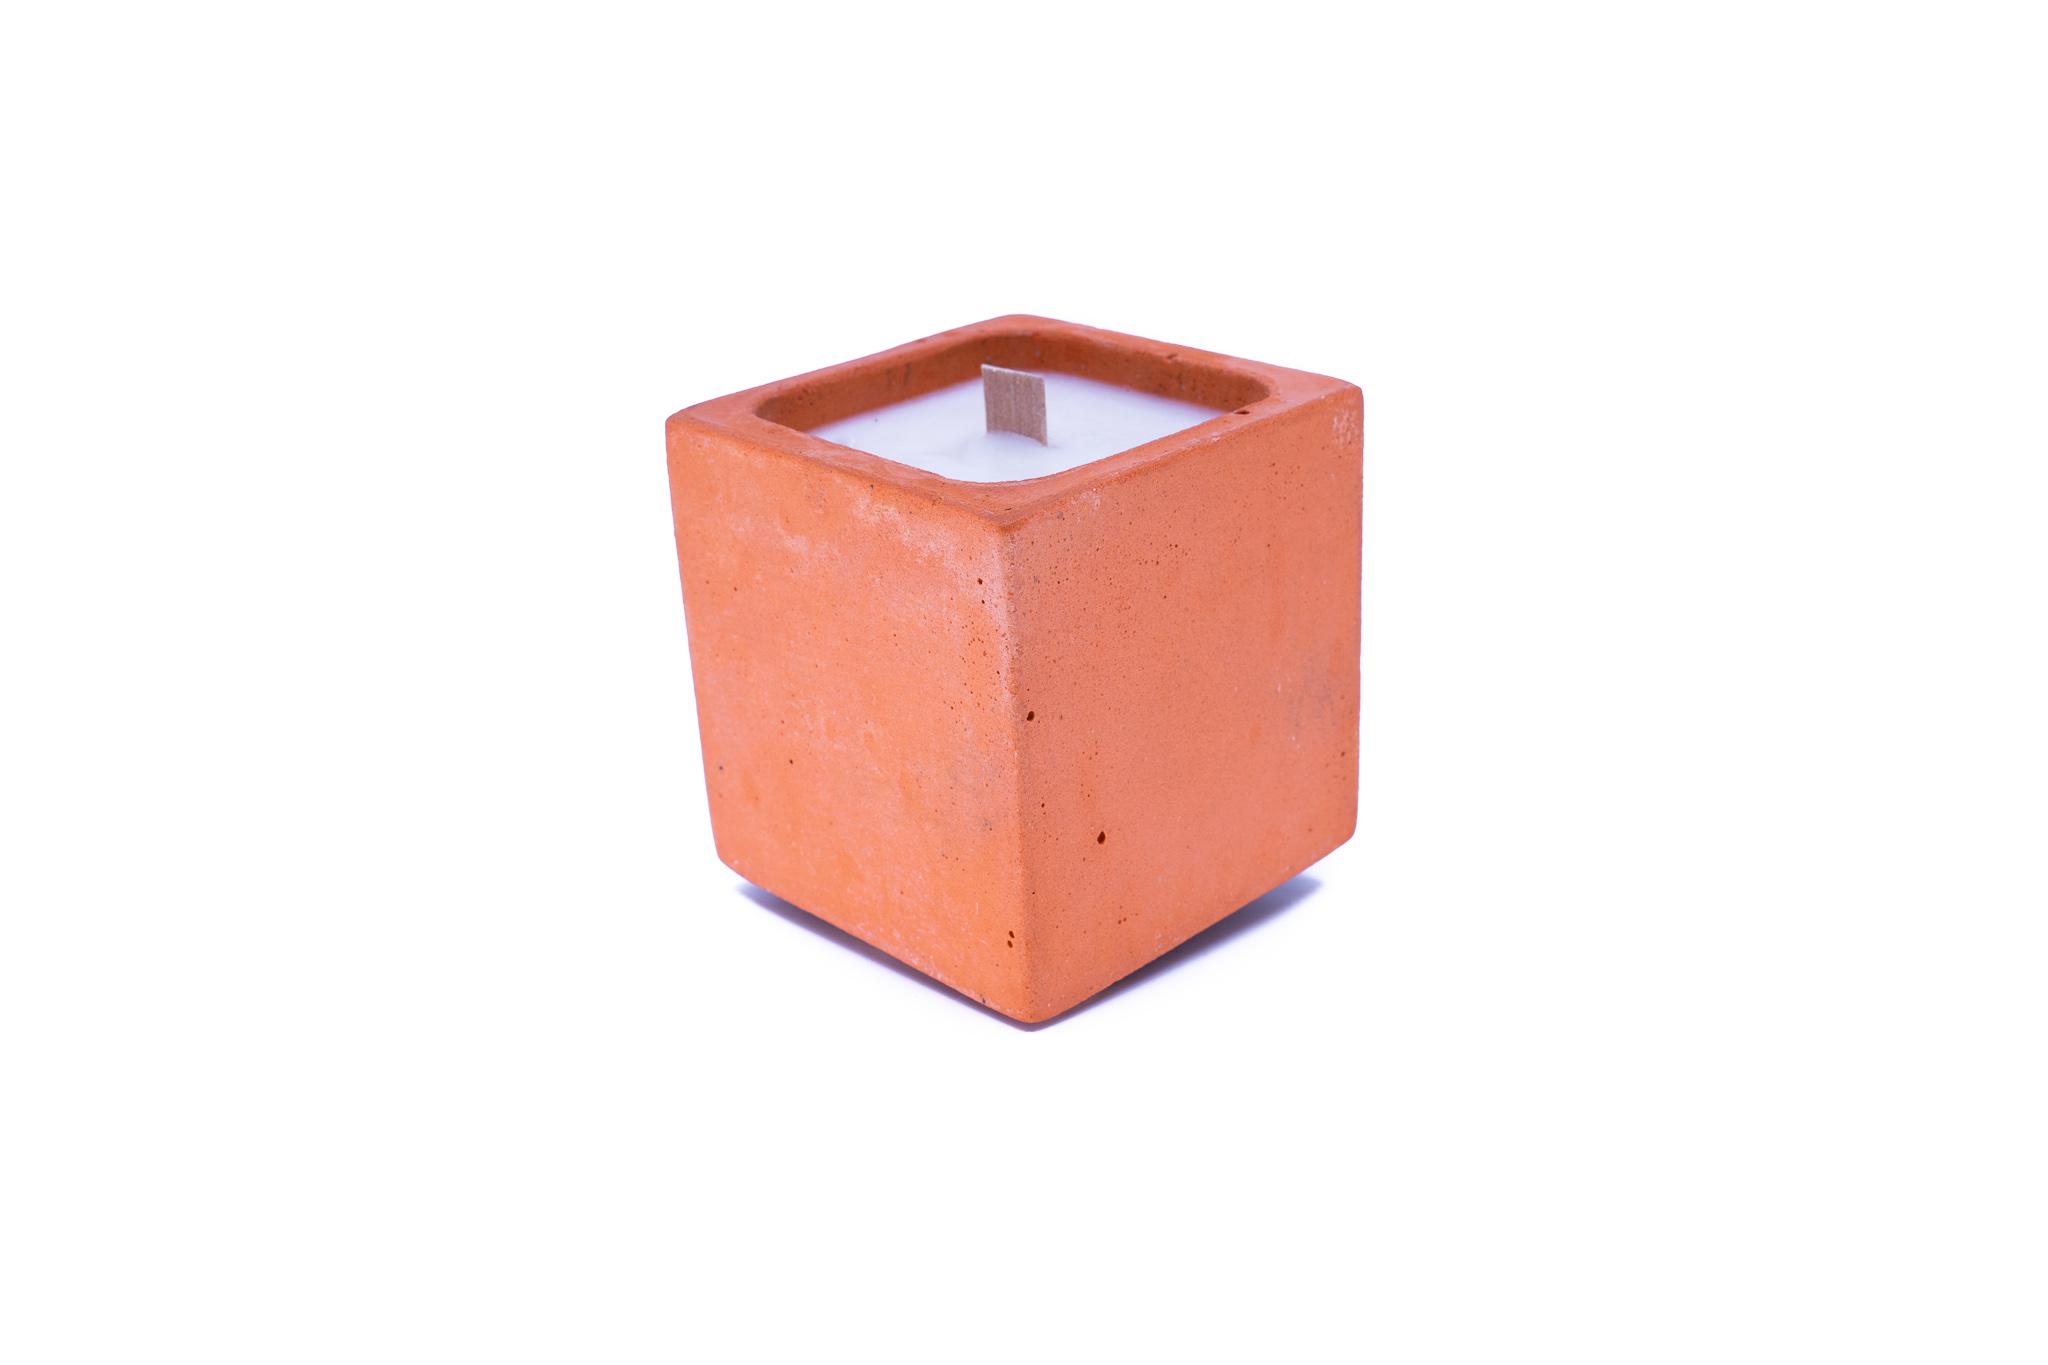 Bougie en béton coloré orange fleur oranger